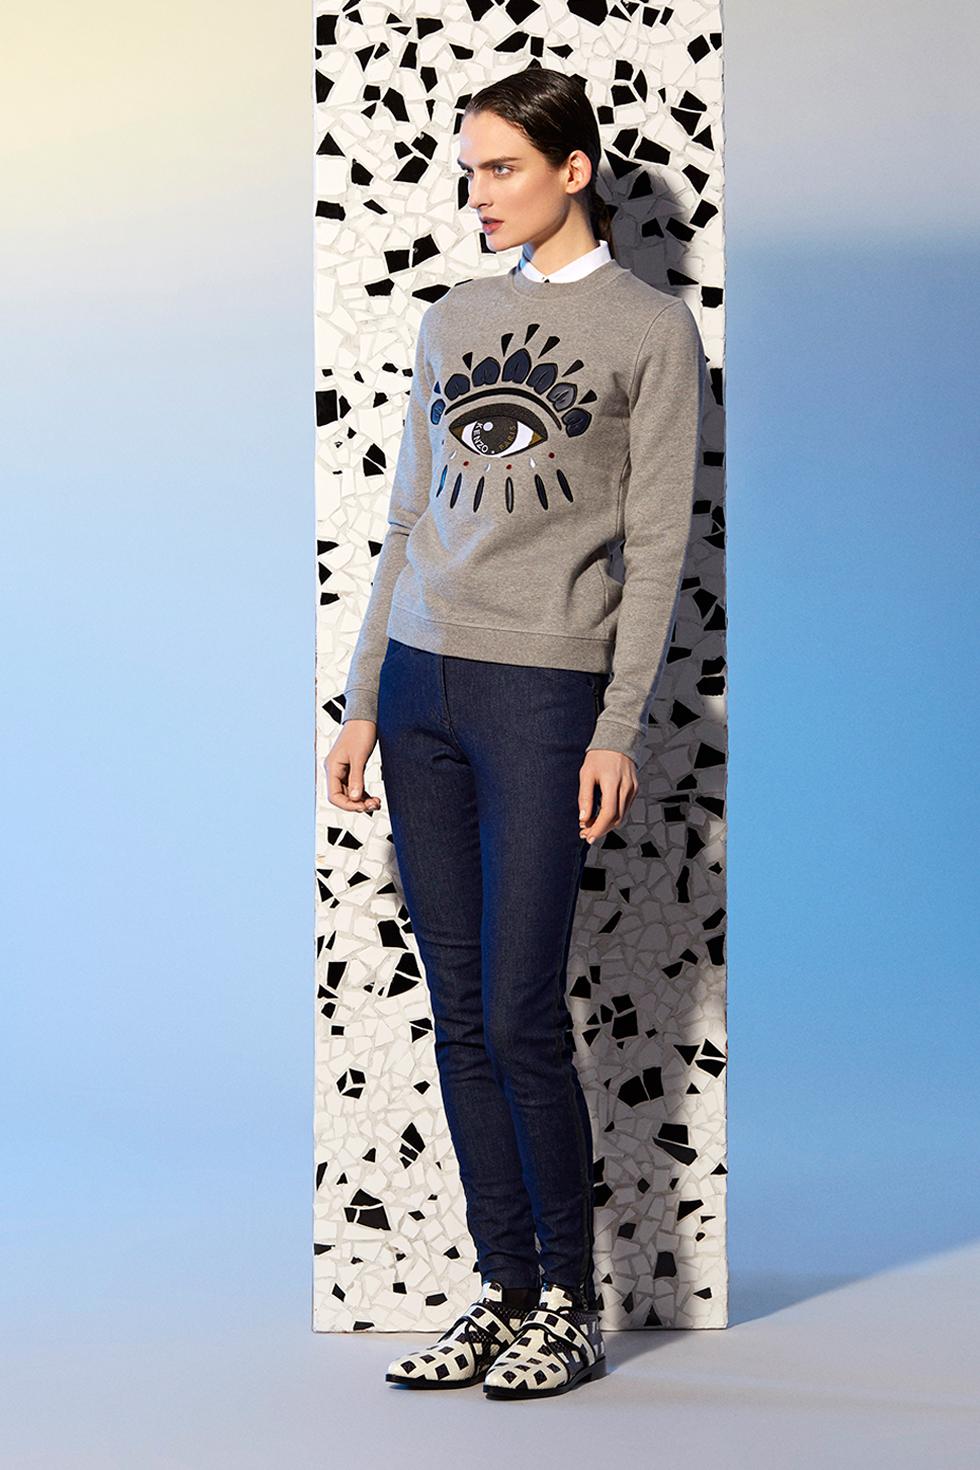 8dab2b8ba Kenzo Eye Sweatshirt - Kenzo Sweatshirts & Sweaters Women - Kenzo E-shop